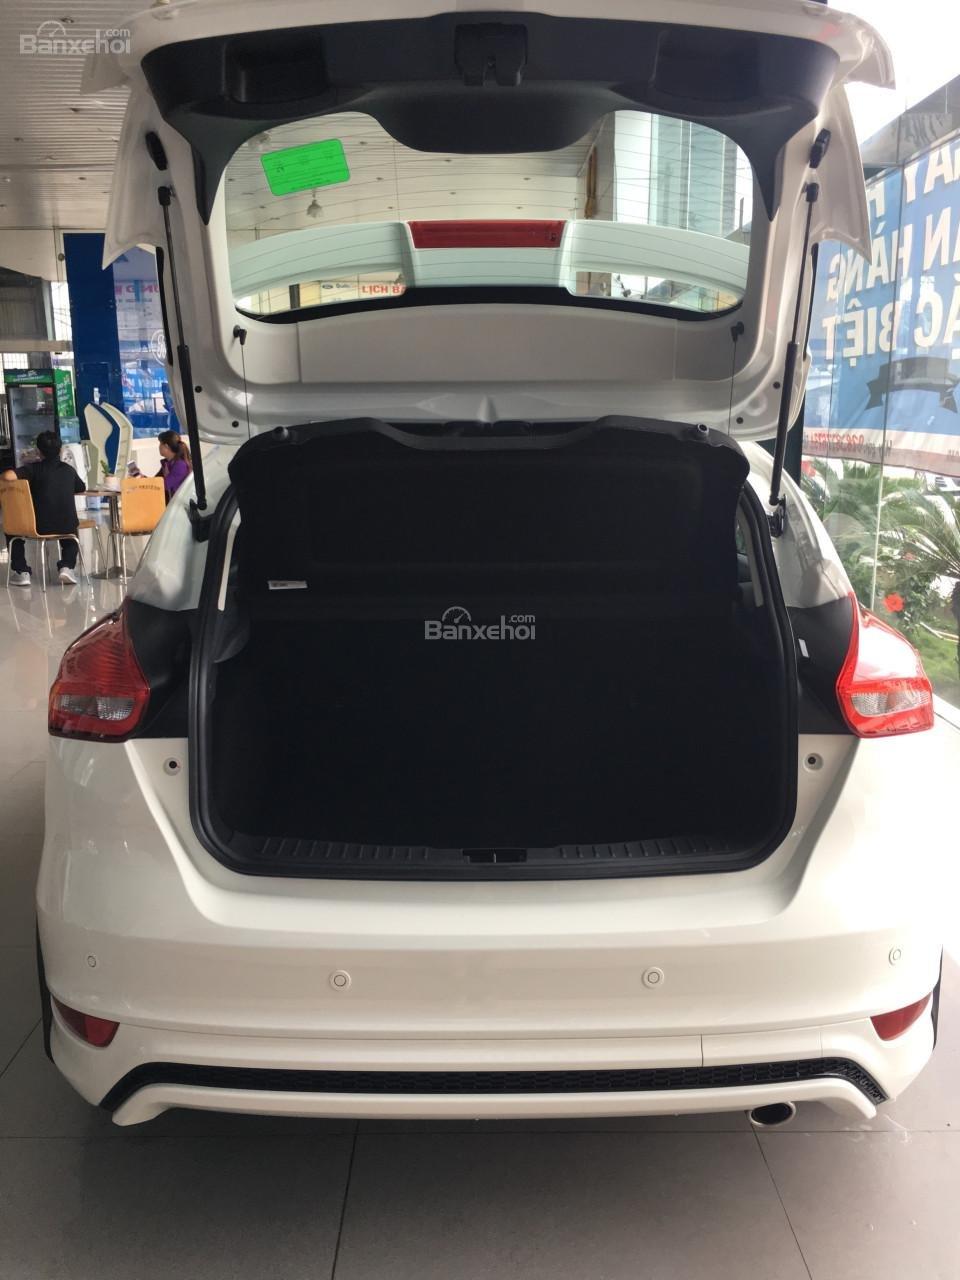 Bán Ford Focus 2018 Ecoboost, tặng ngay: Dán phim, camera hành trình, ghế bọc da, giao xe toàn quốc-4